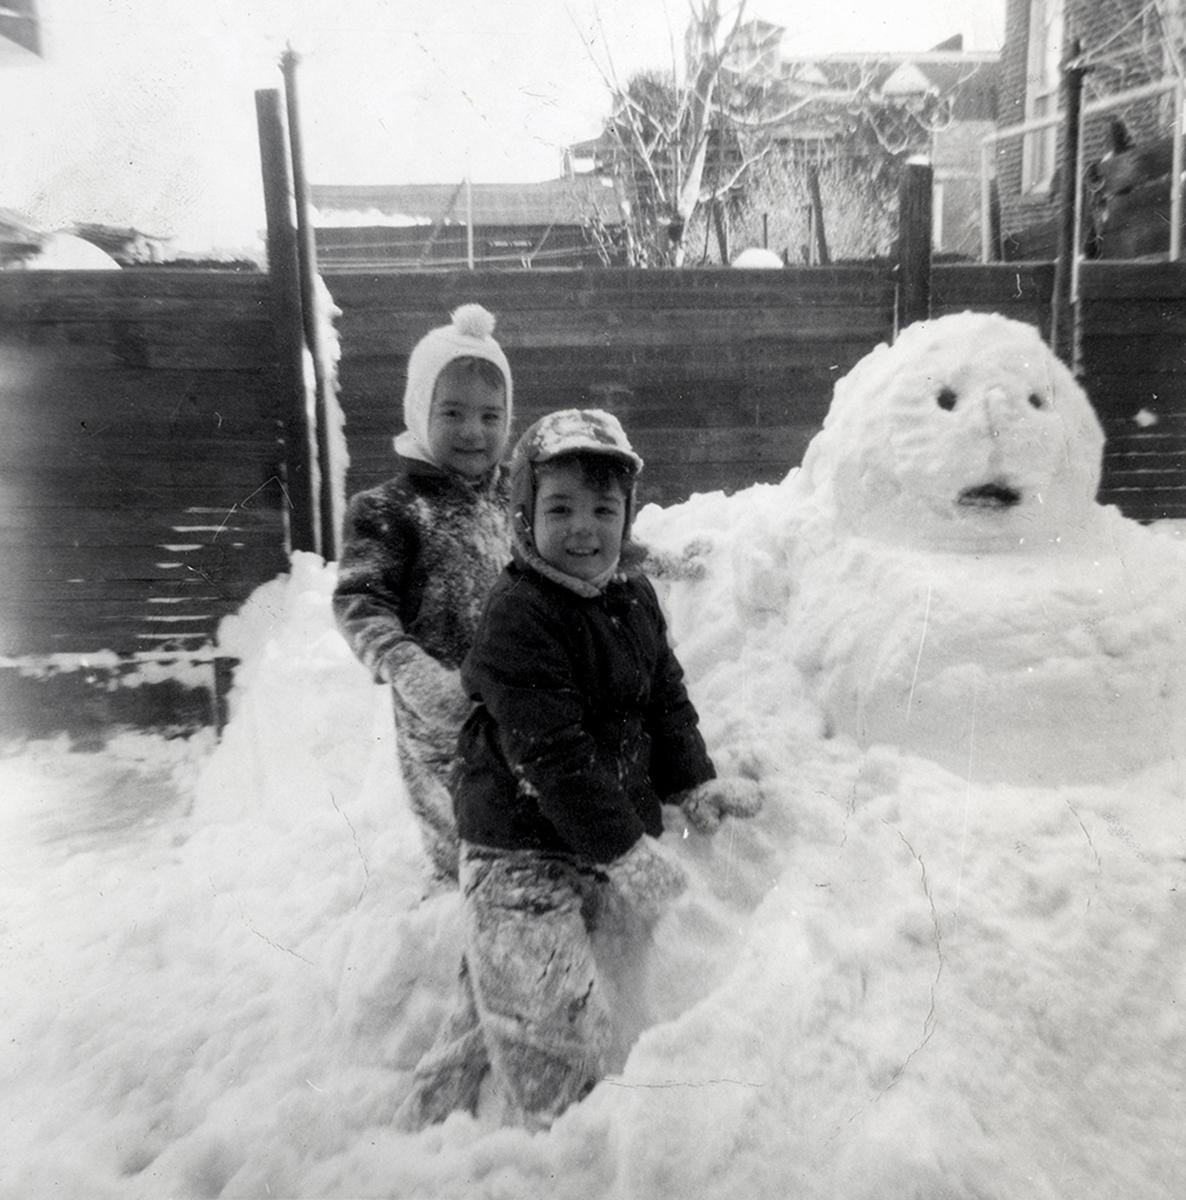 Conlon // County Monaghan :: Seán and Kevin Conlon in the Snow, 1964